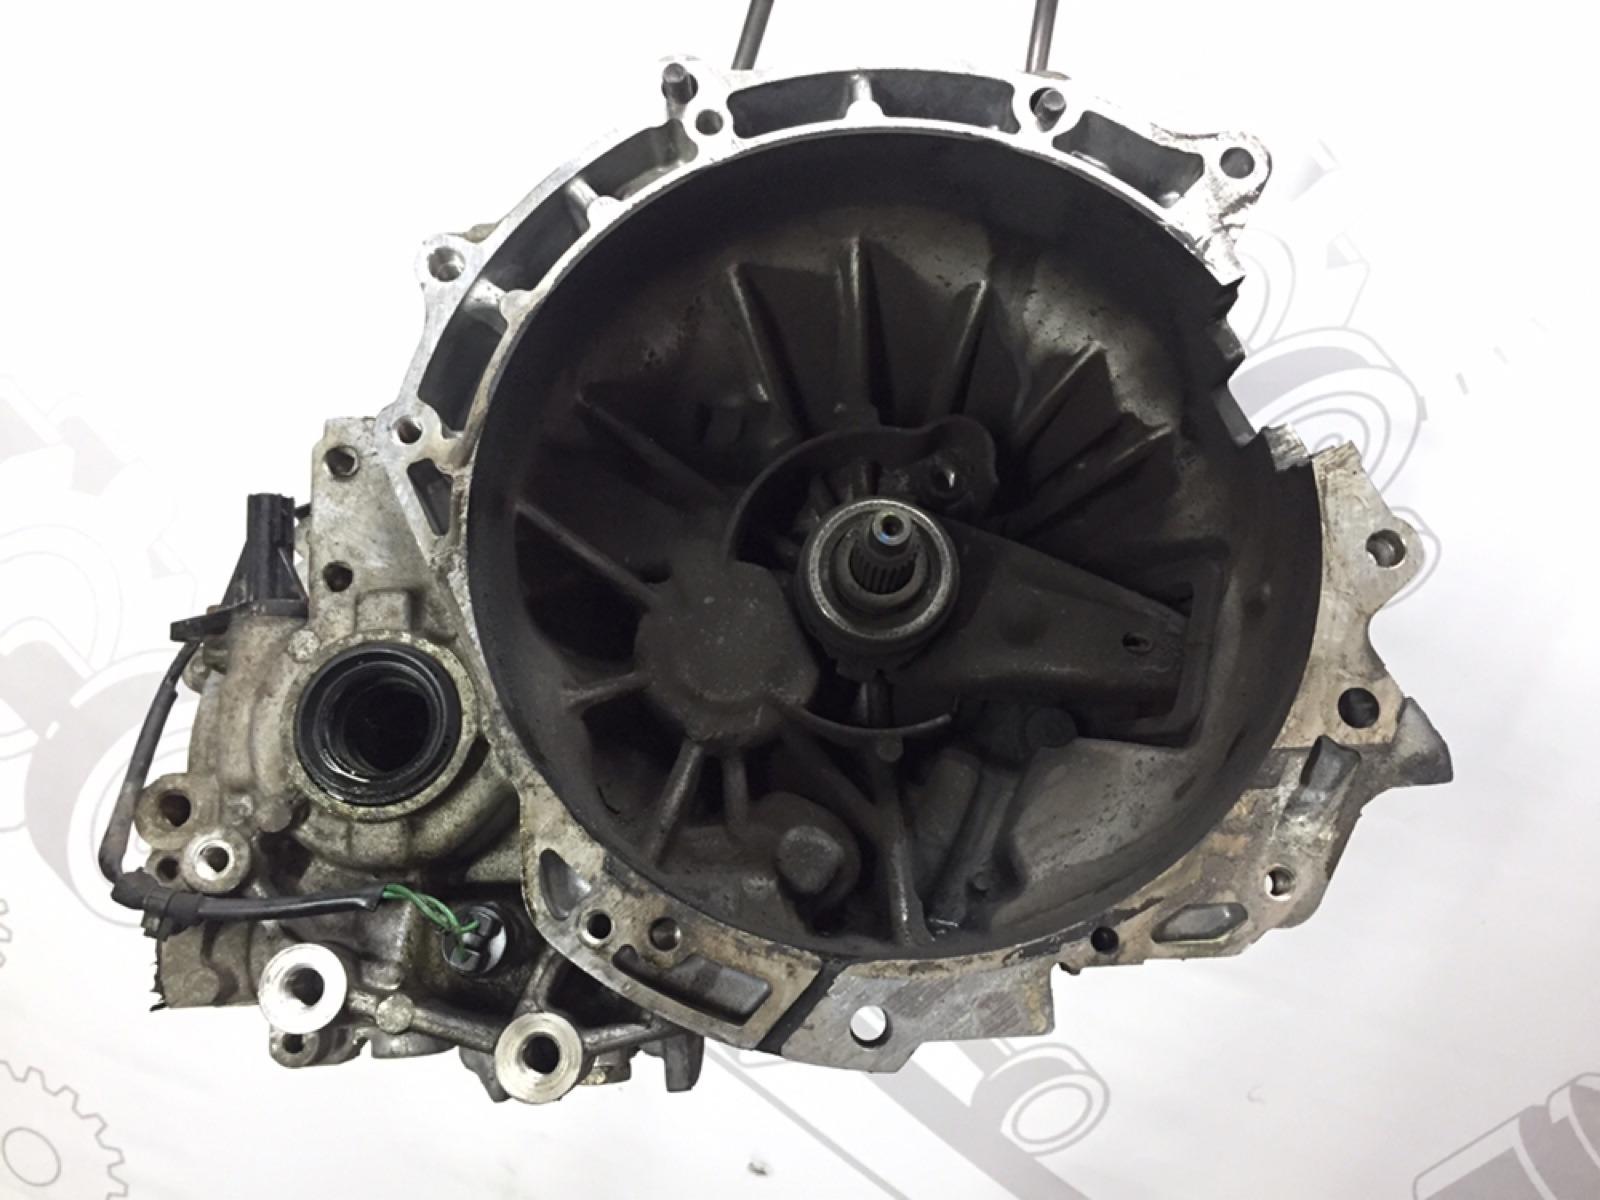 Кпп механическая (мкпп) Mazda 6 1.8 I 2005 (б/у)